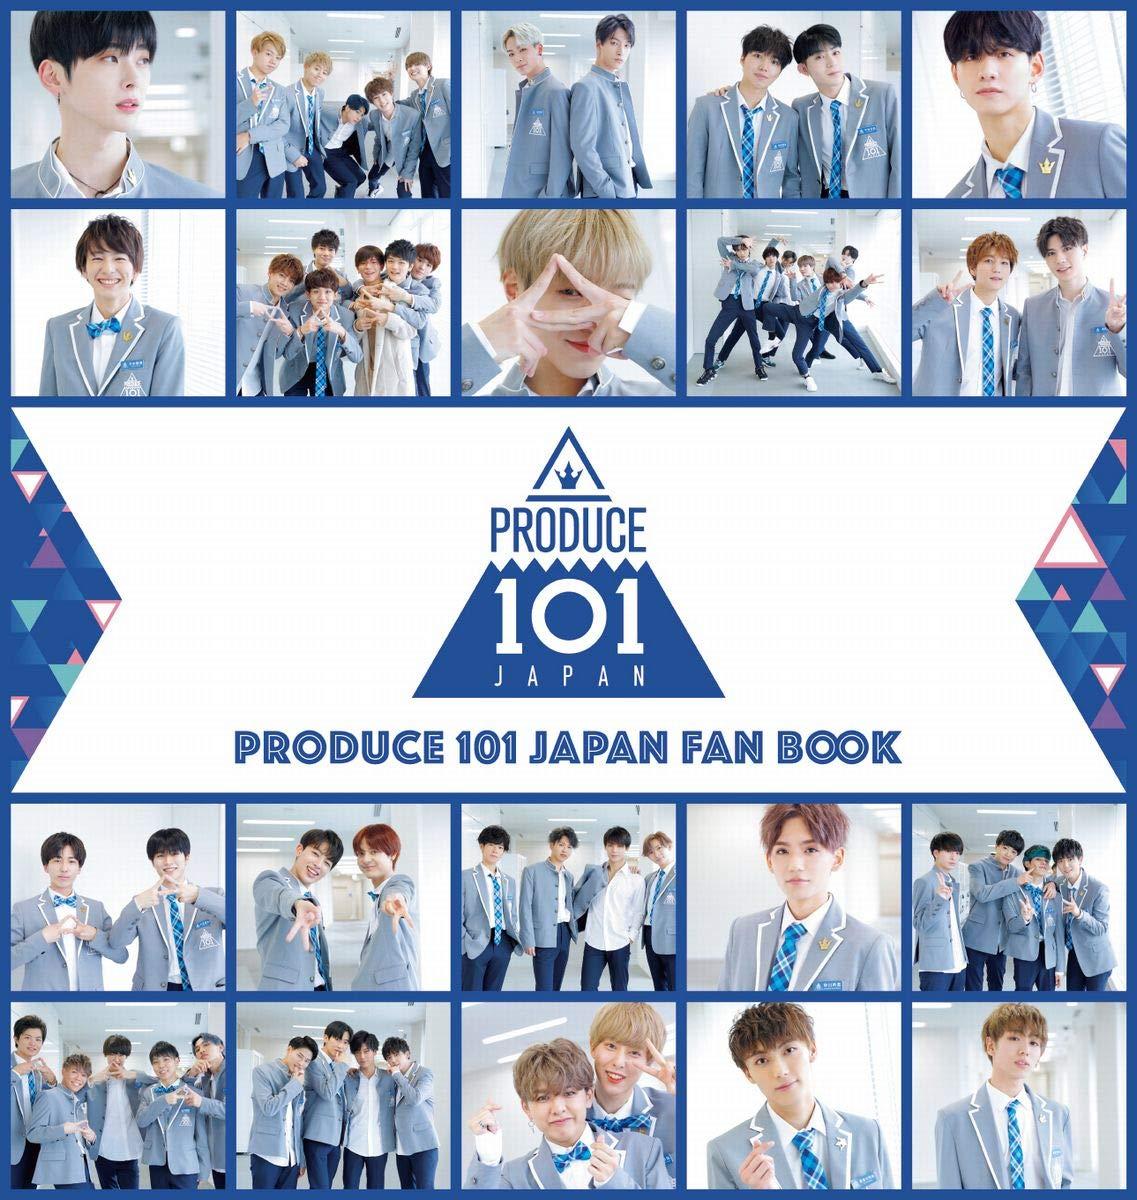 プロデュース 101 japan PRODUCE 101 JAPAN SEASON2 TBSテレビ